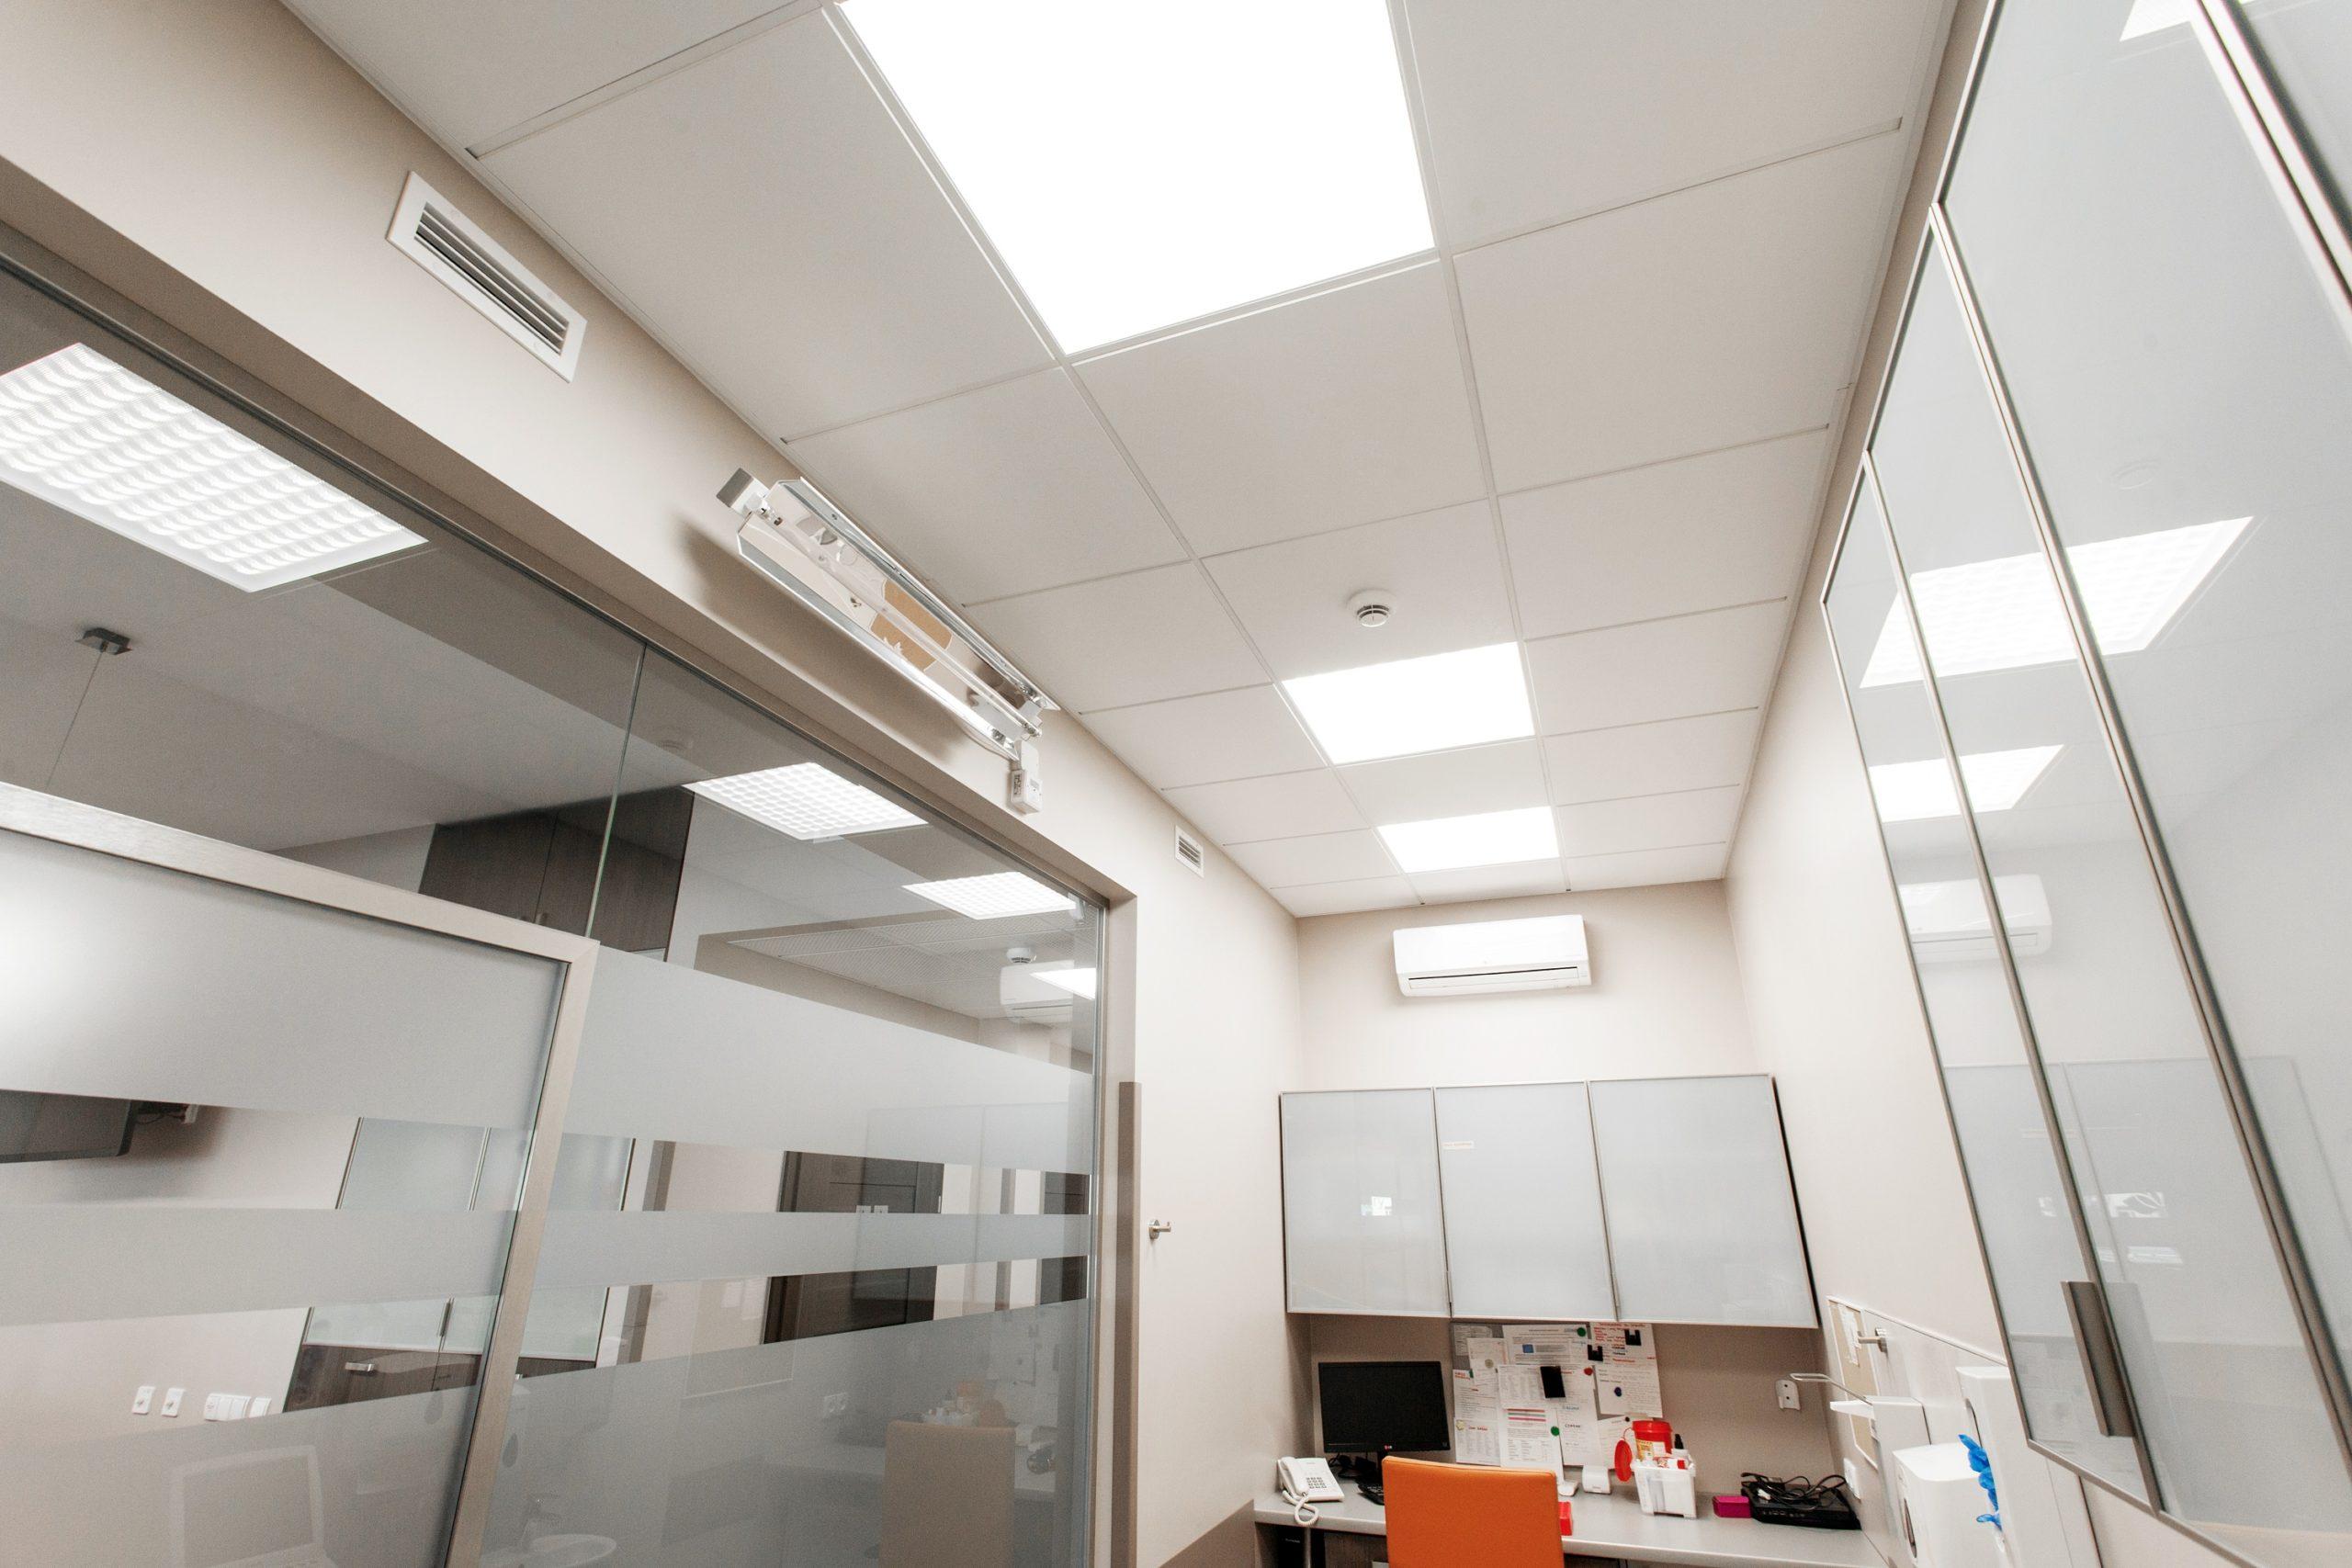 Oprawy biurowe Edge w przychodni lekarskiej - Luxon LED